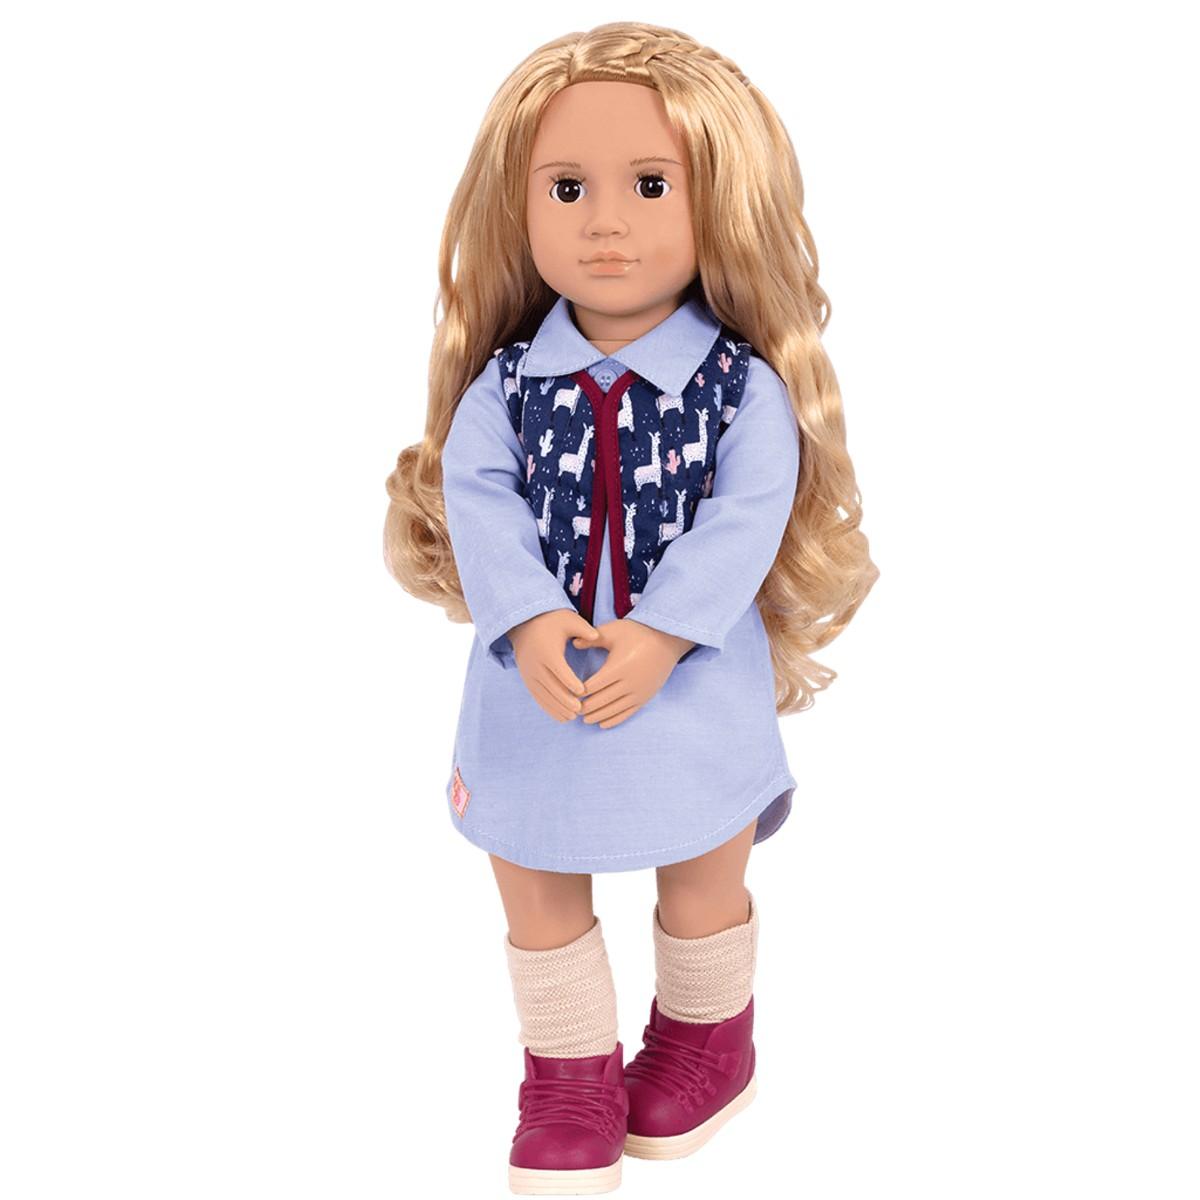 Our Generation - Amalia doll (731232)